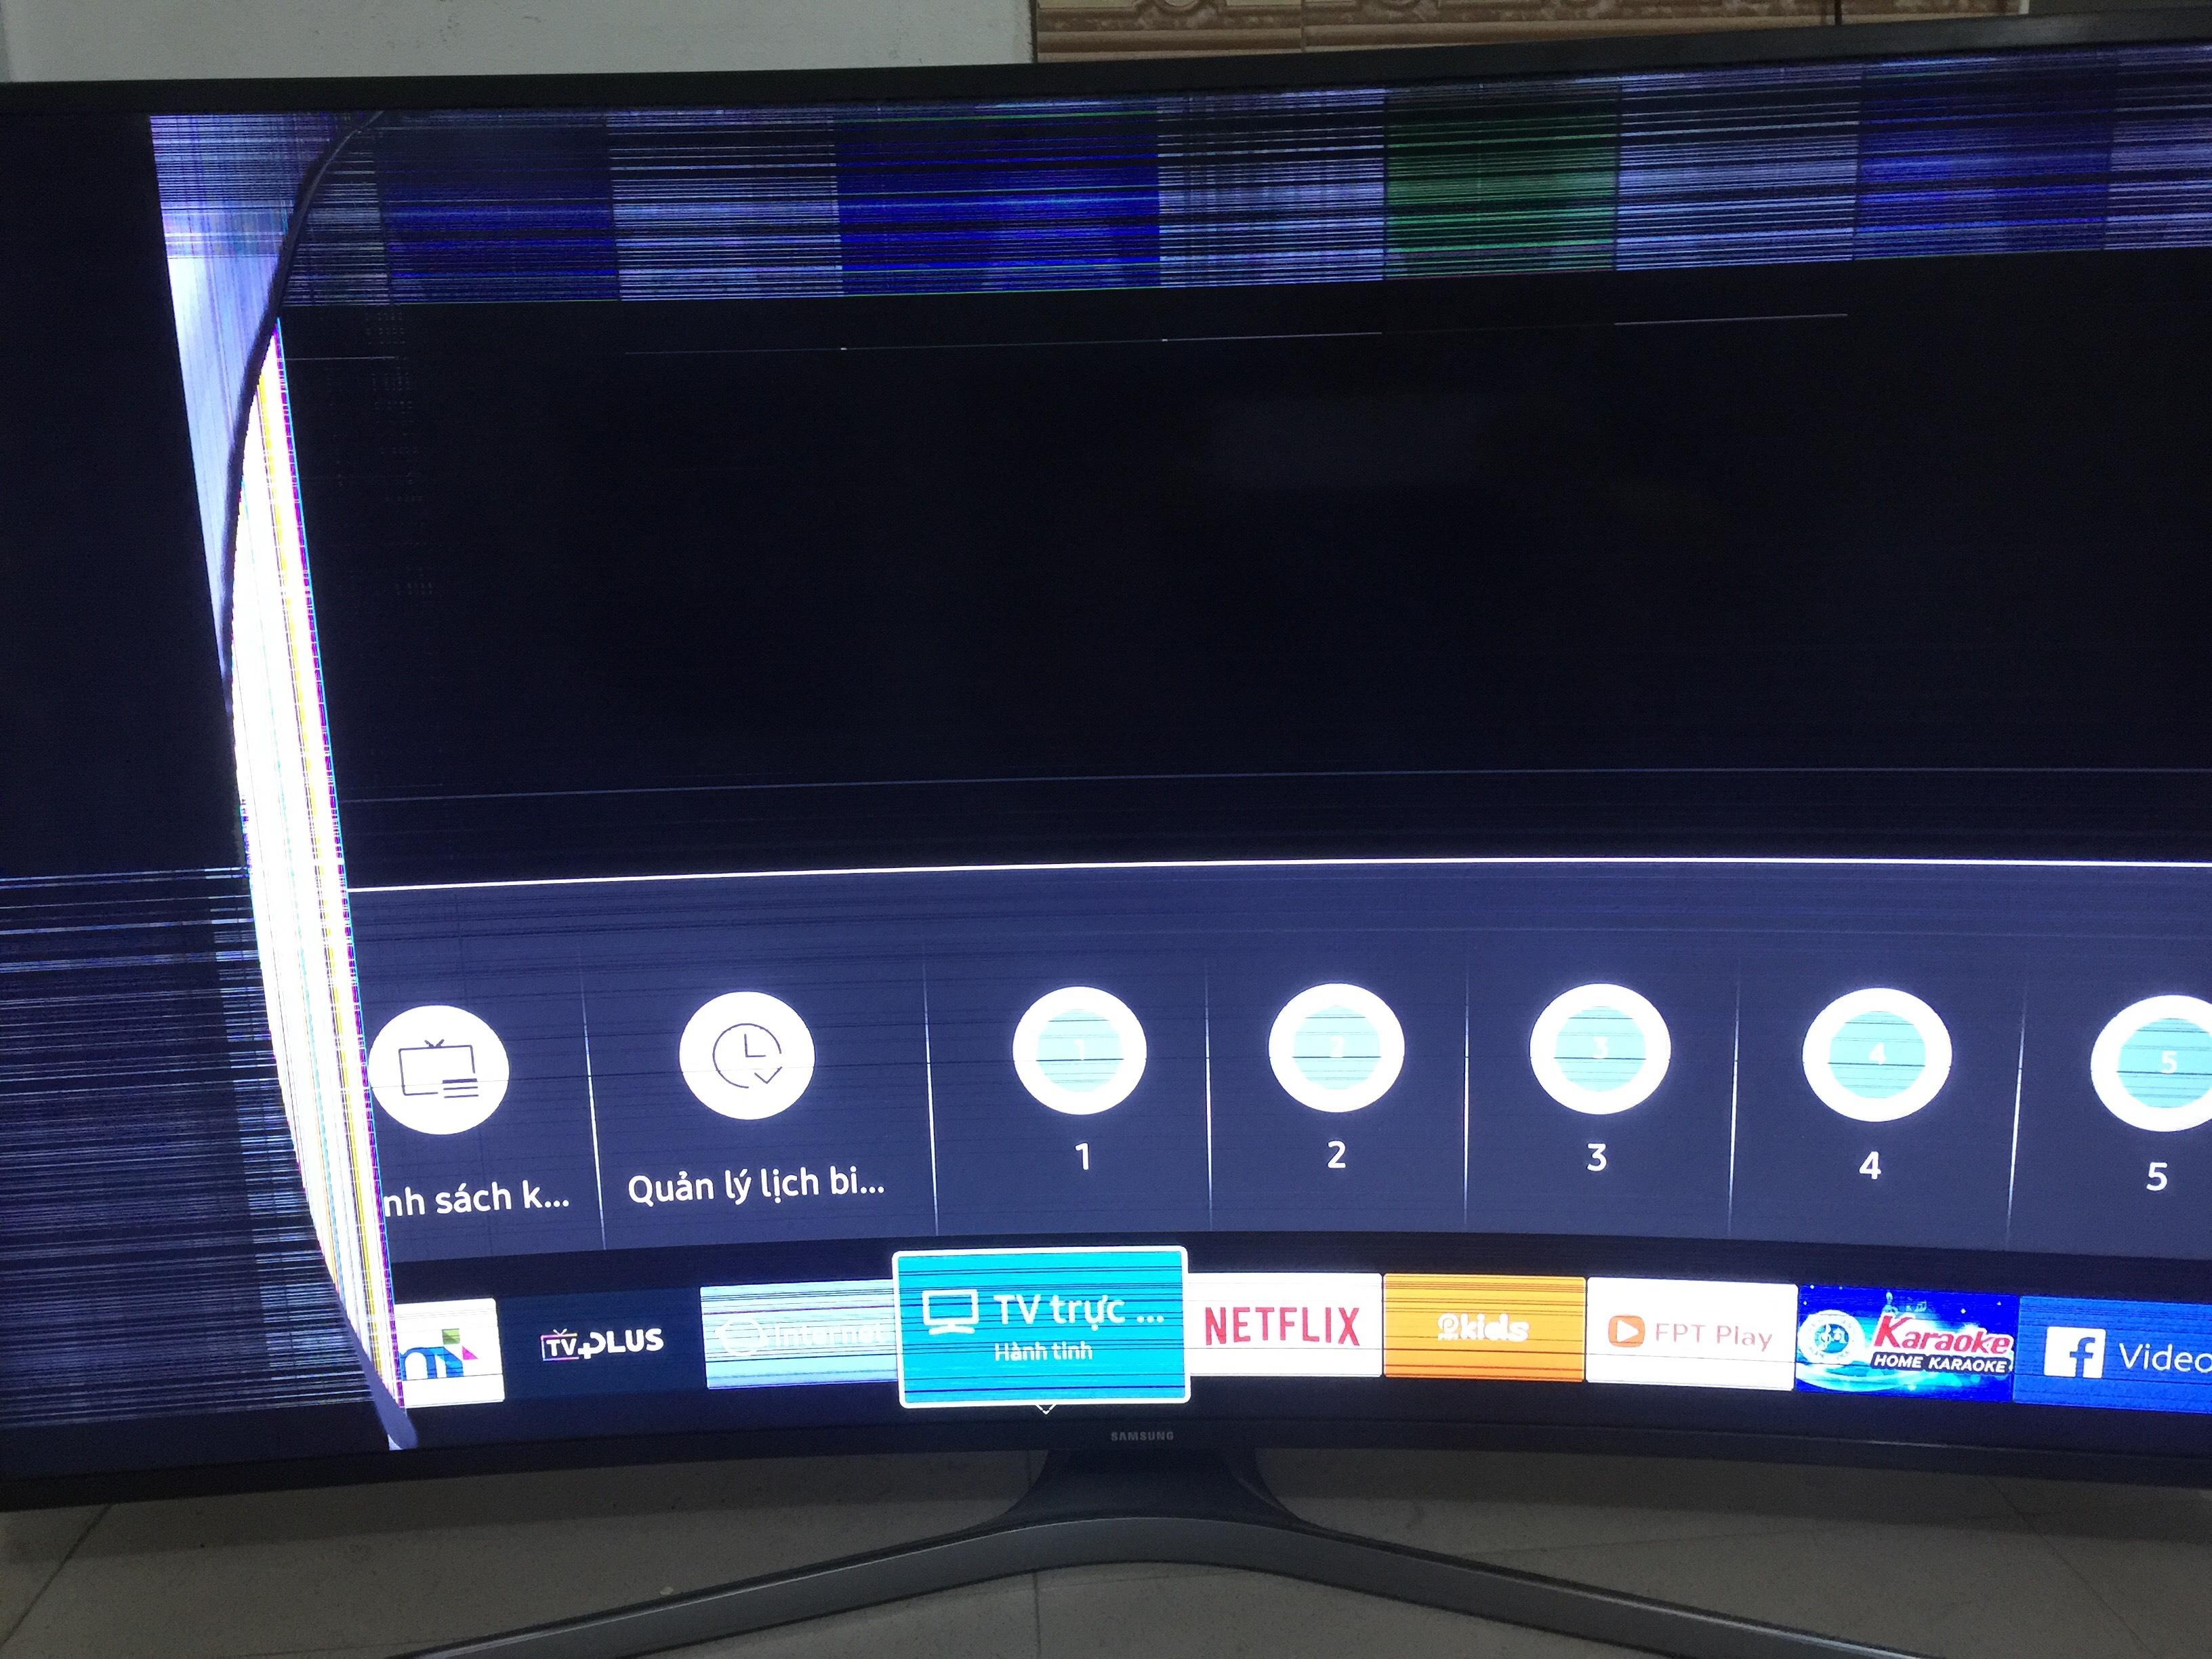 Thay màn hình tivi LG uy tín tại Sóc Sơn – Hà Nội